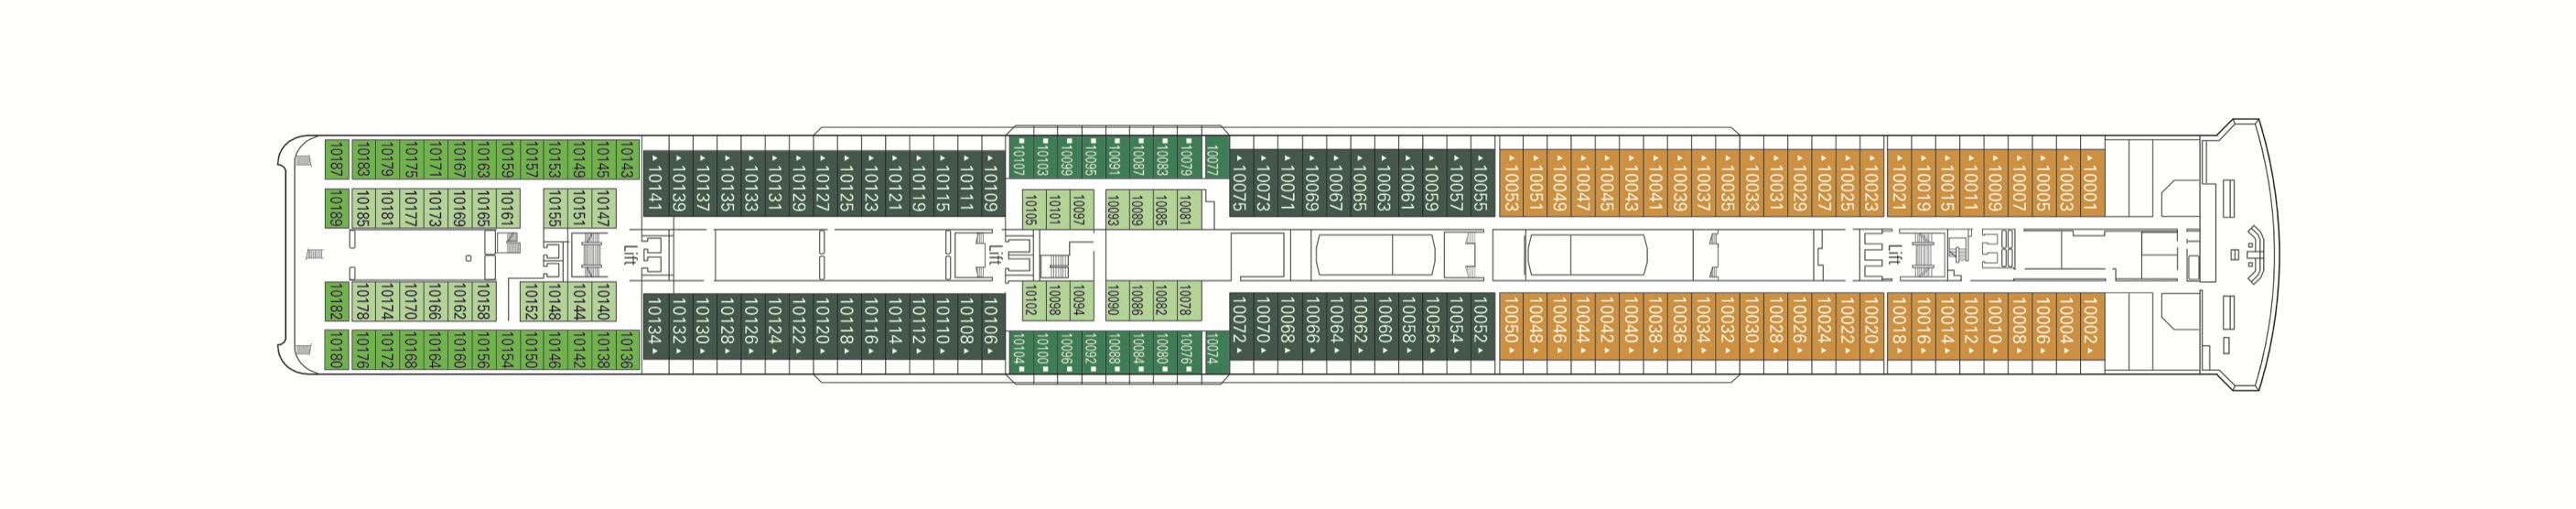 MSC Lirica Class Lirica Deck 10.jpg